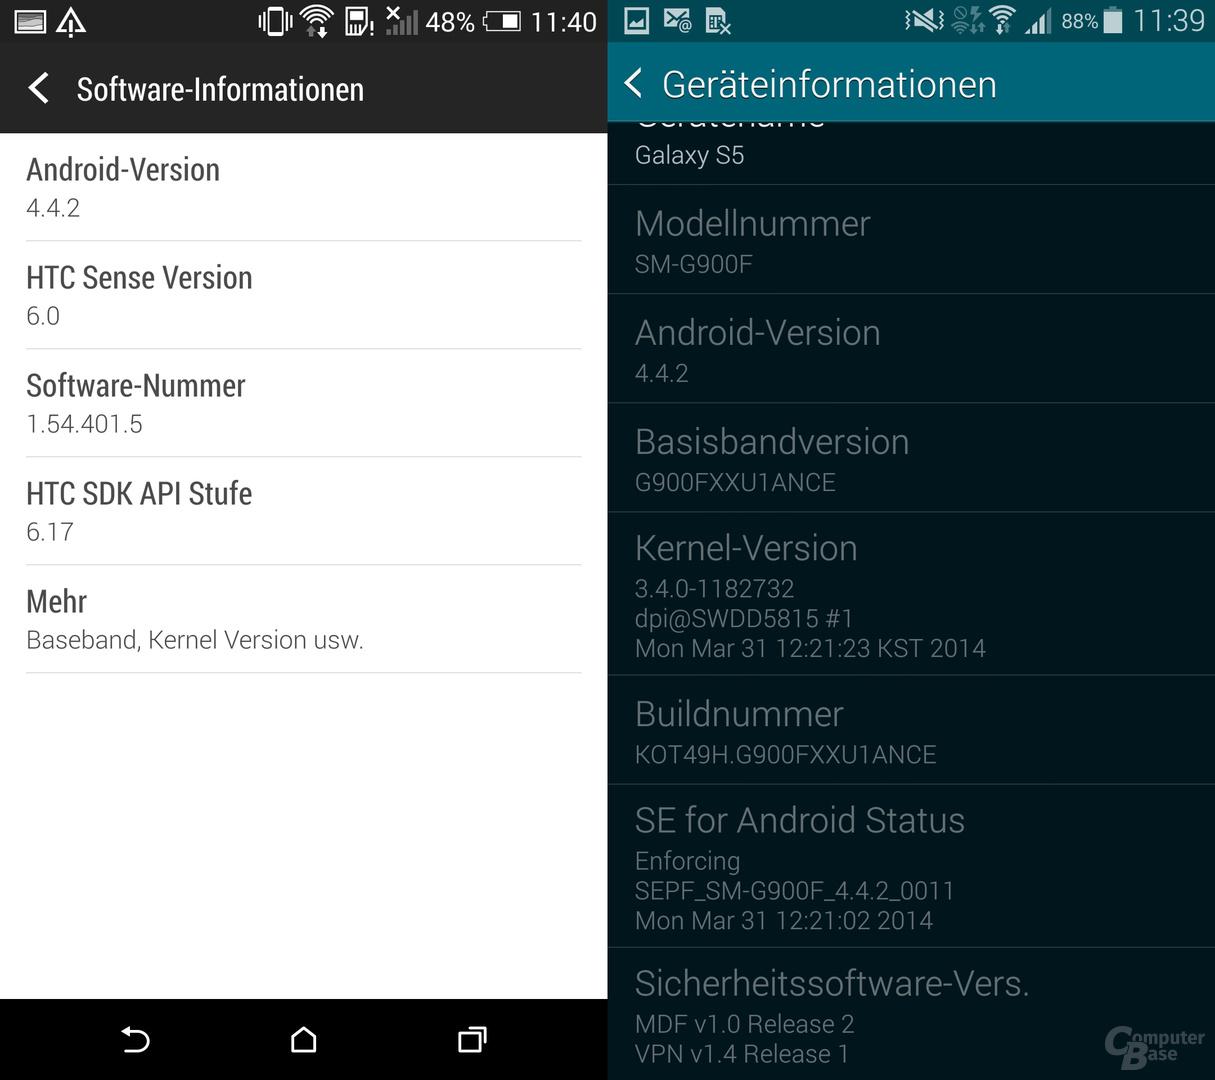 HTC One (M8) & Samsung Galaxy S5: Geräteinfo